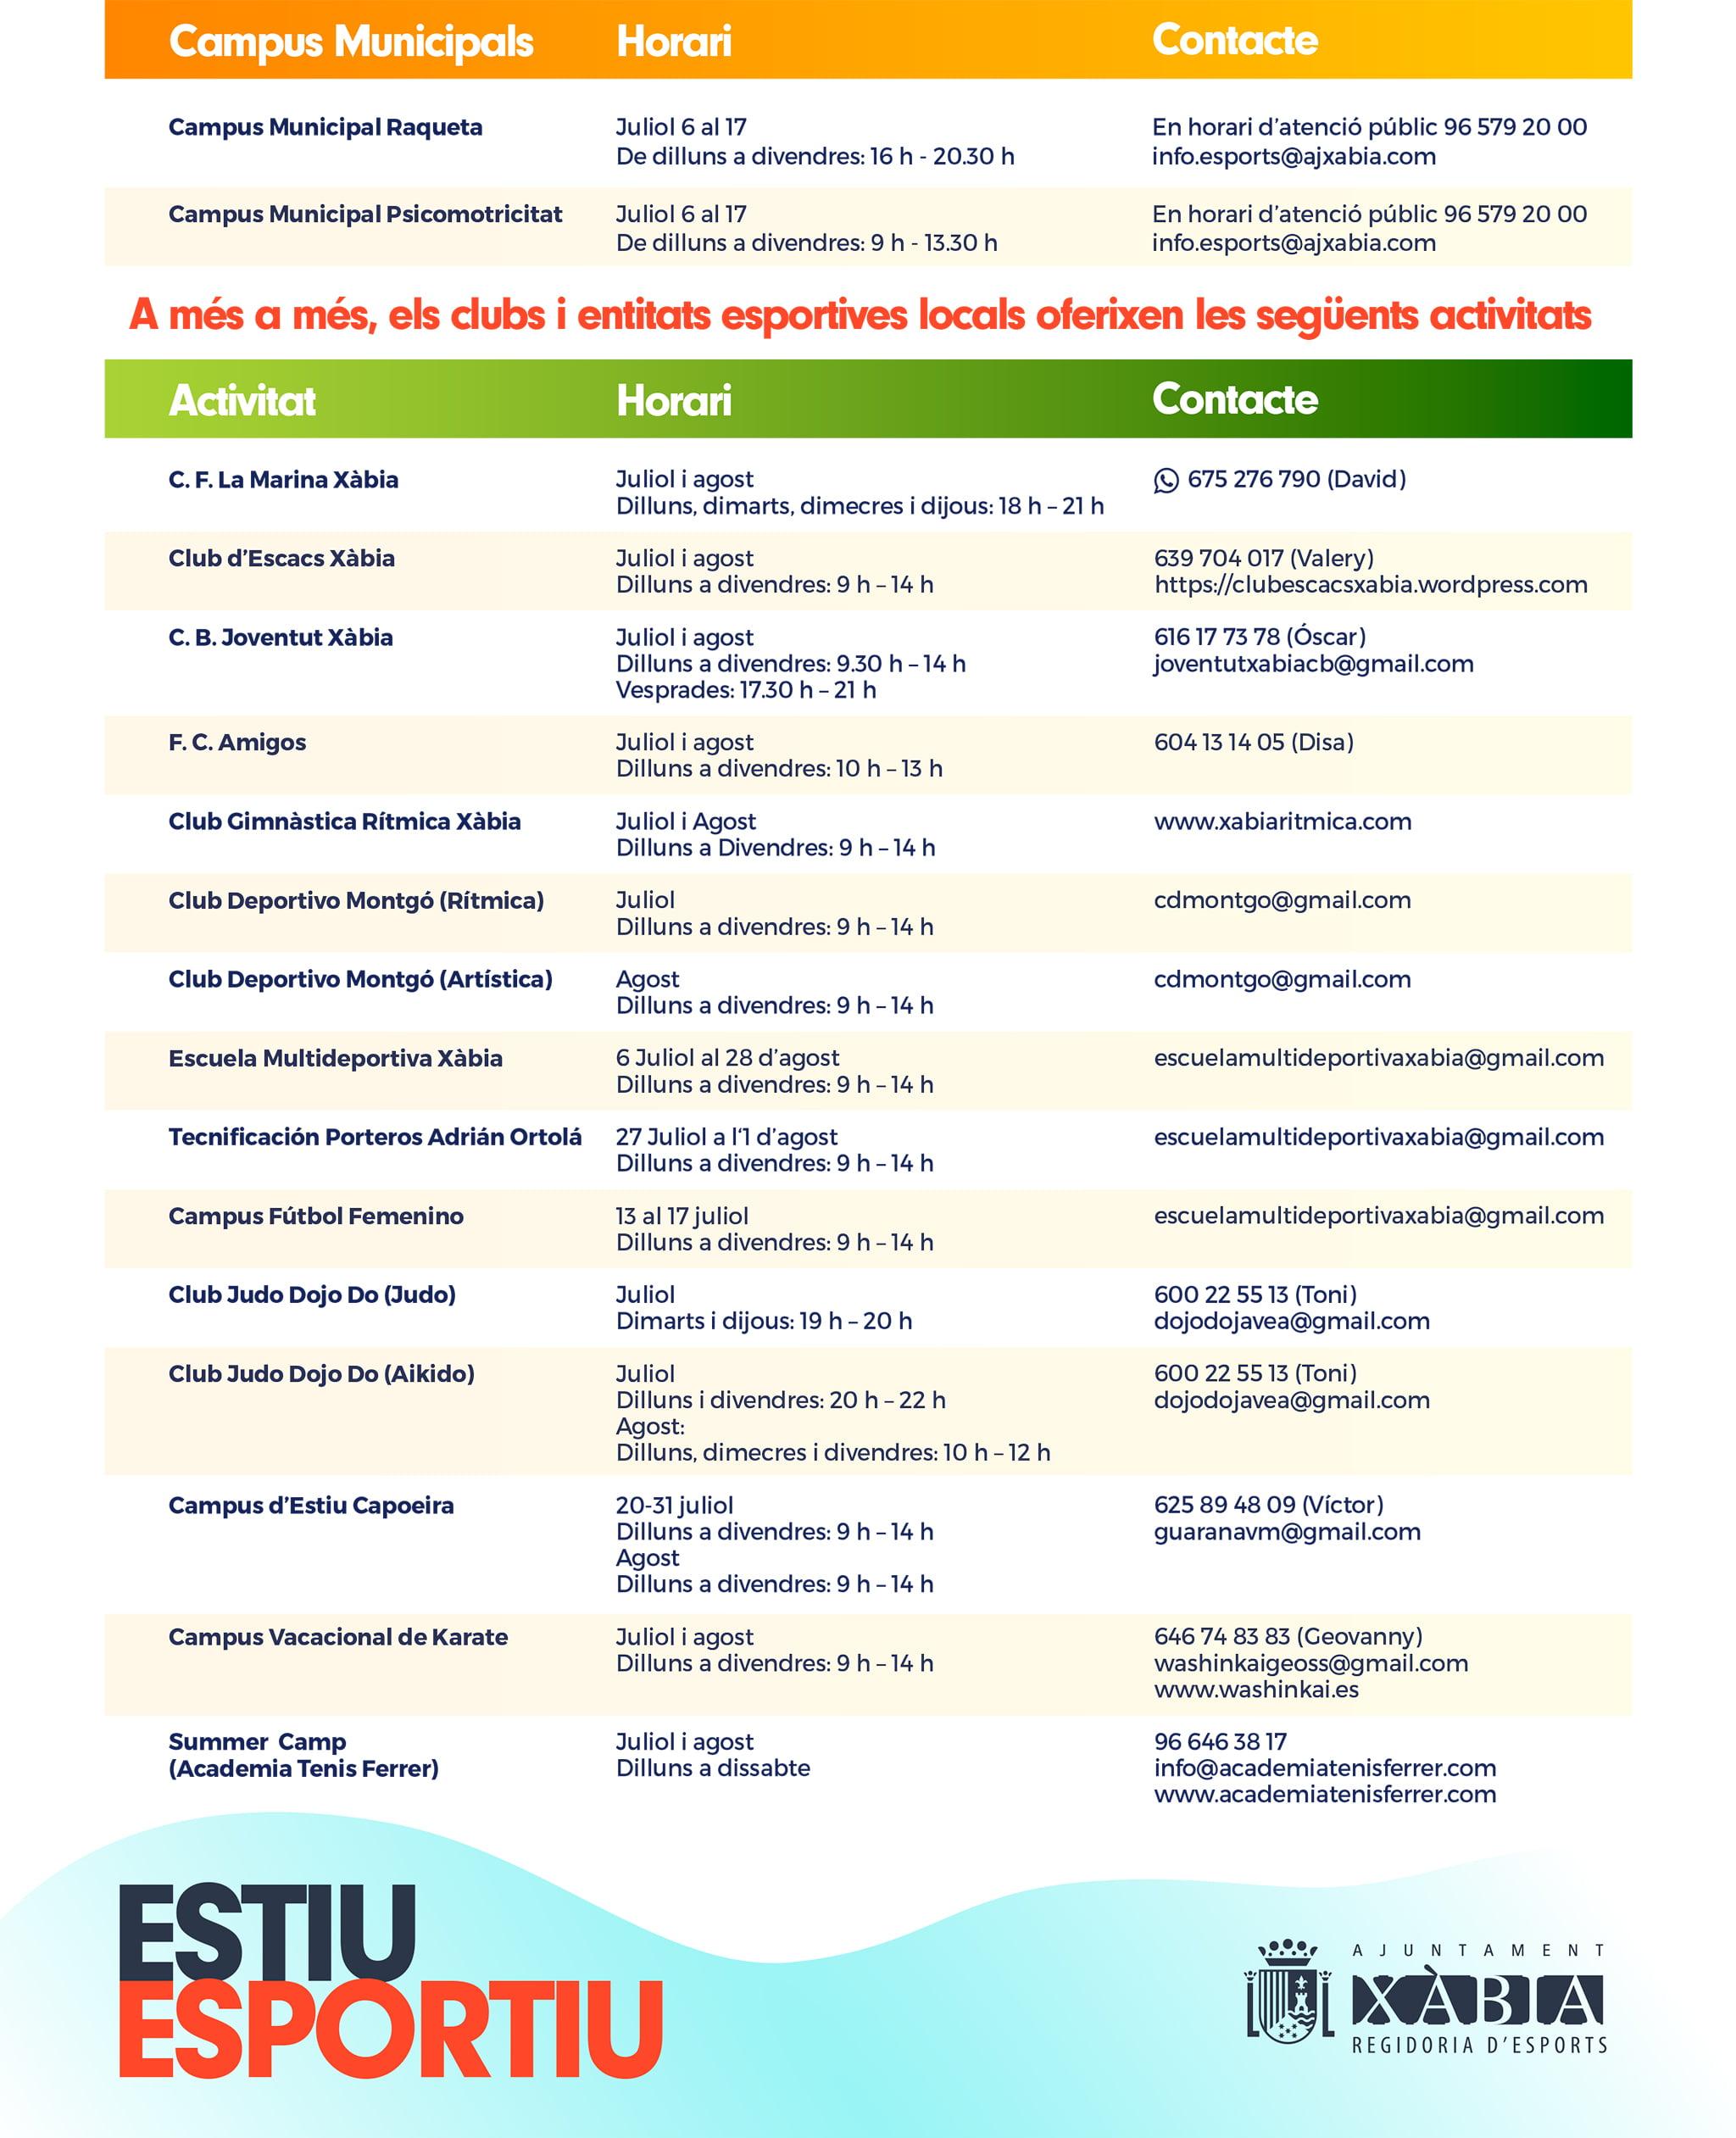 Listado de Campus de Verano 2020